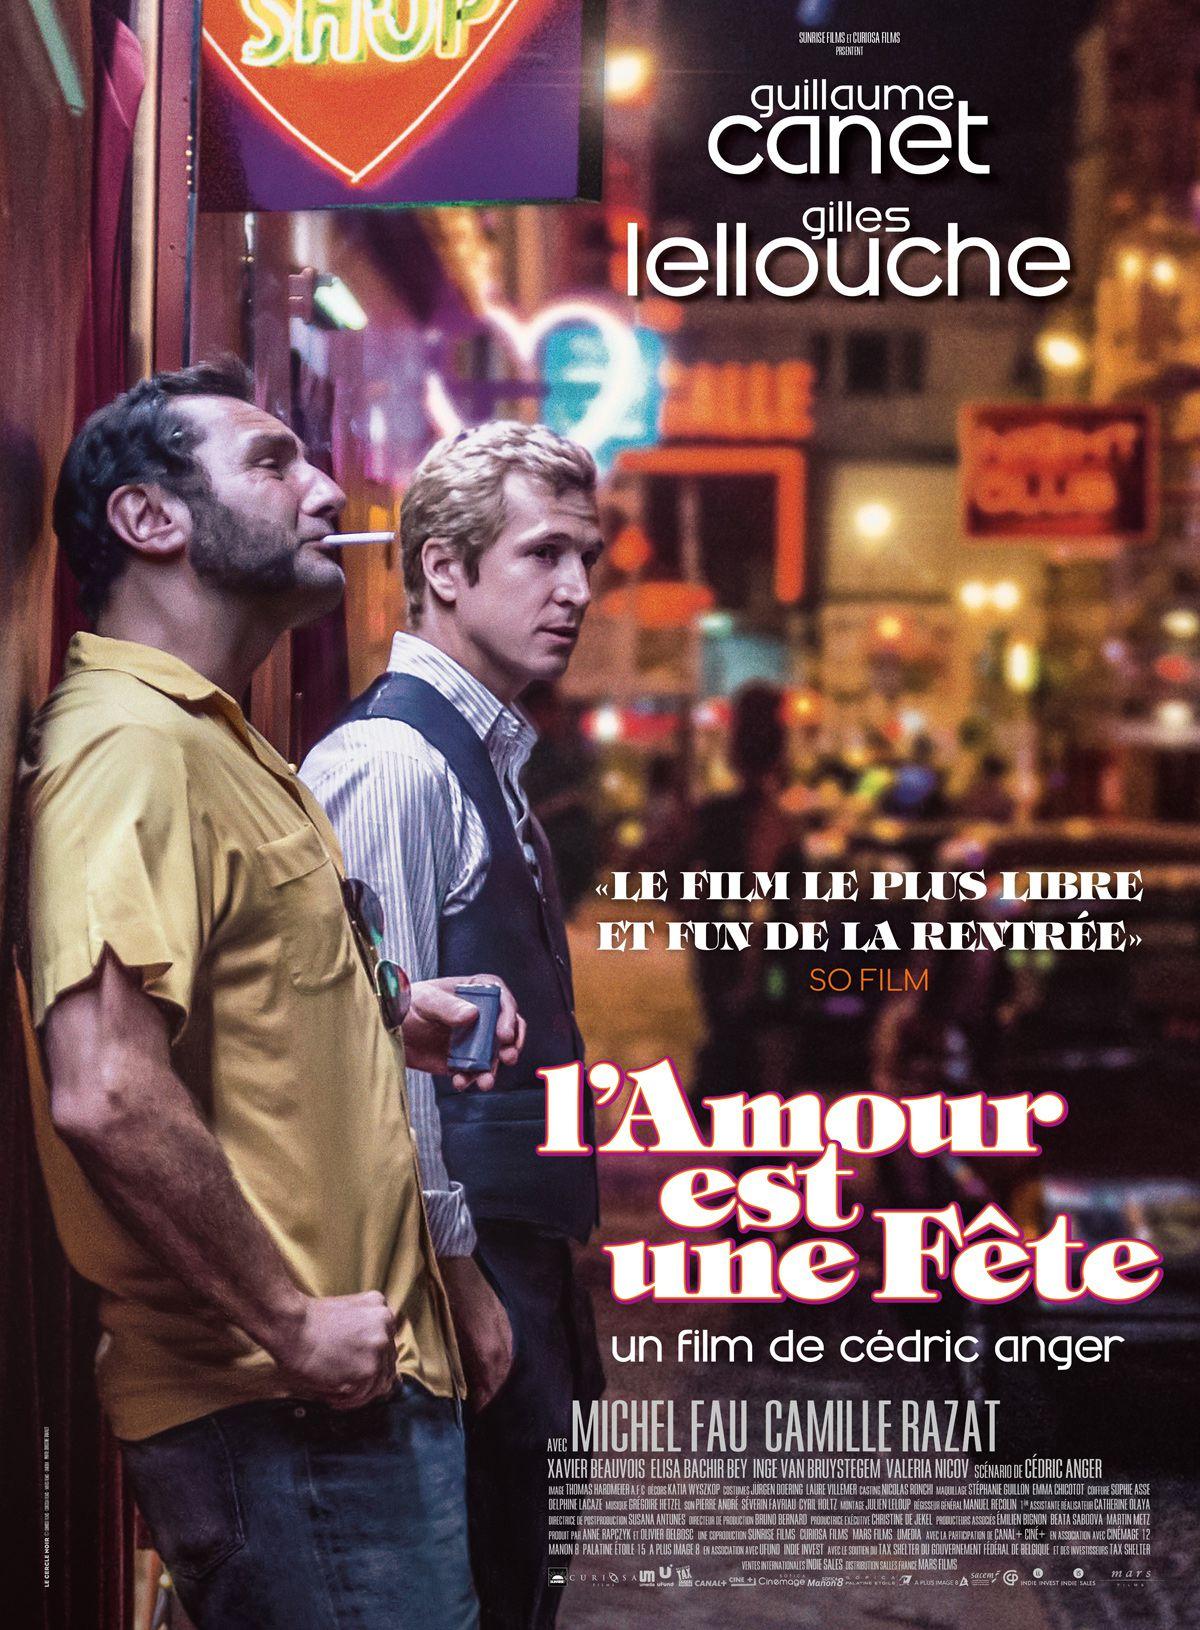 L'amour est une fête - Film (2018)